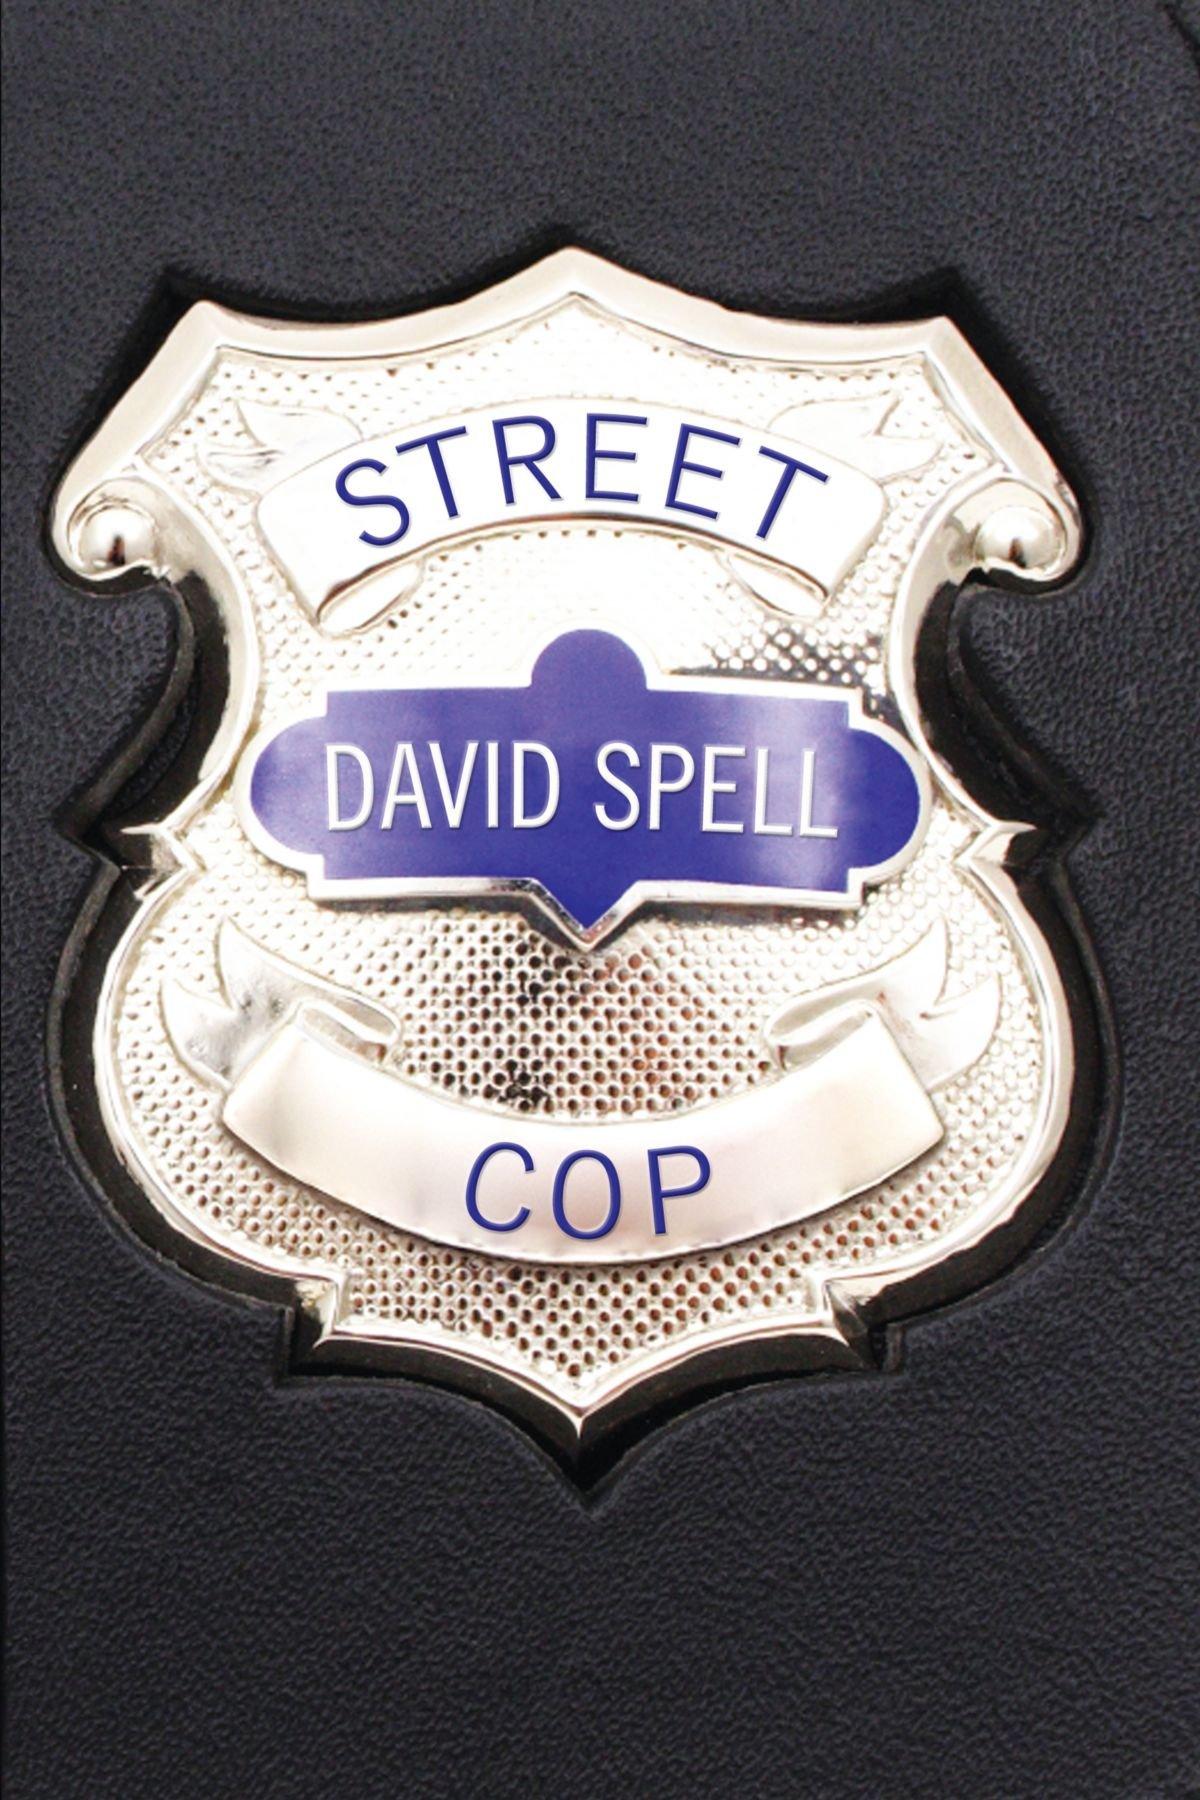 Street Cop: